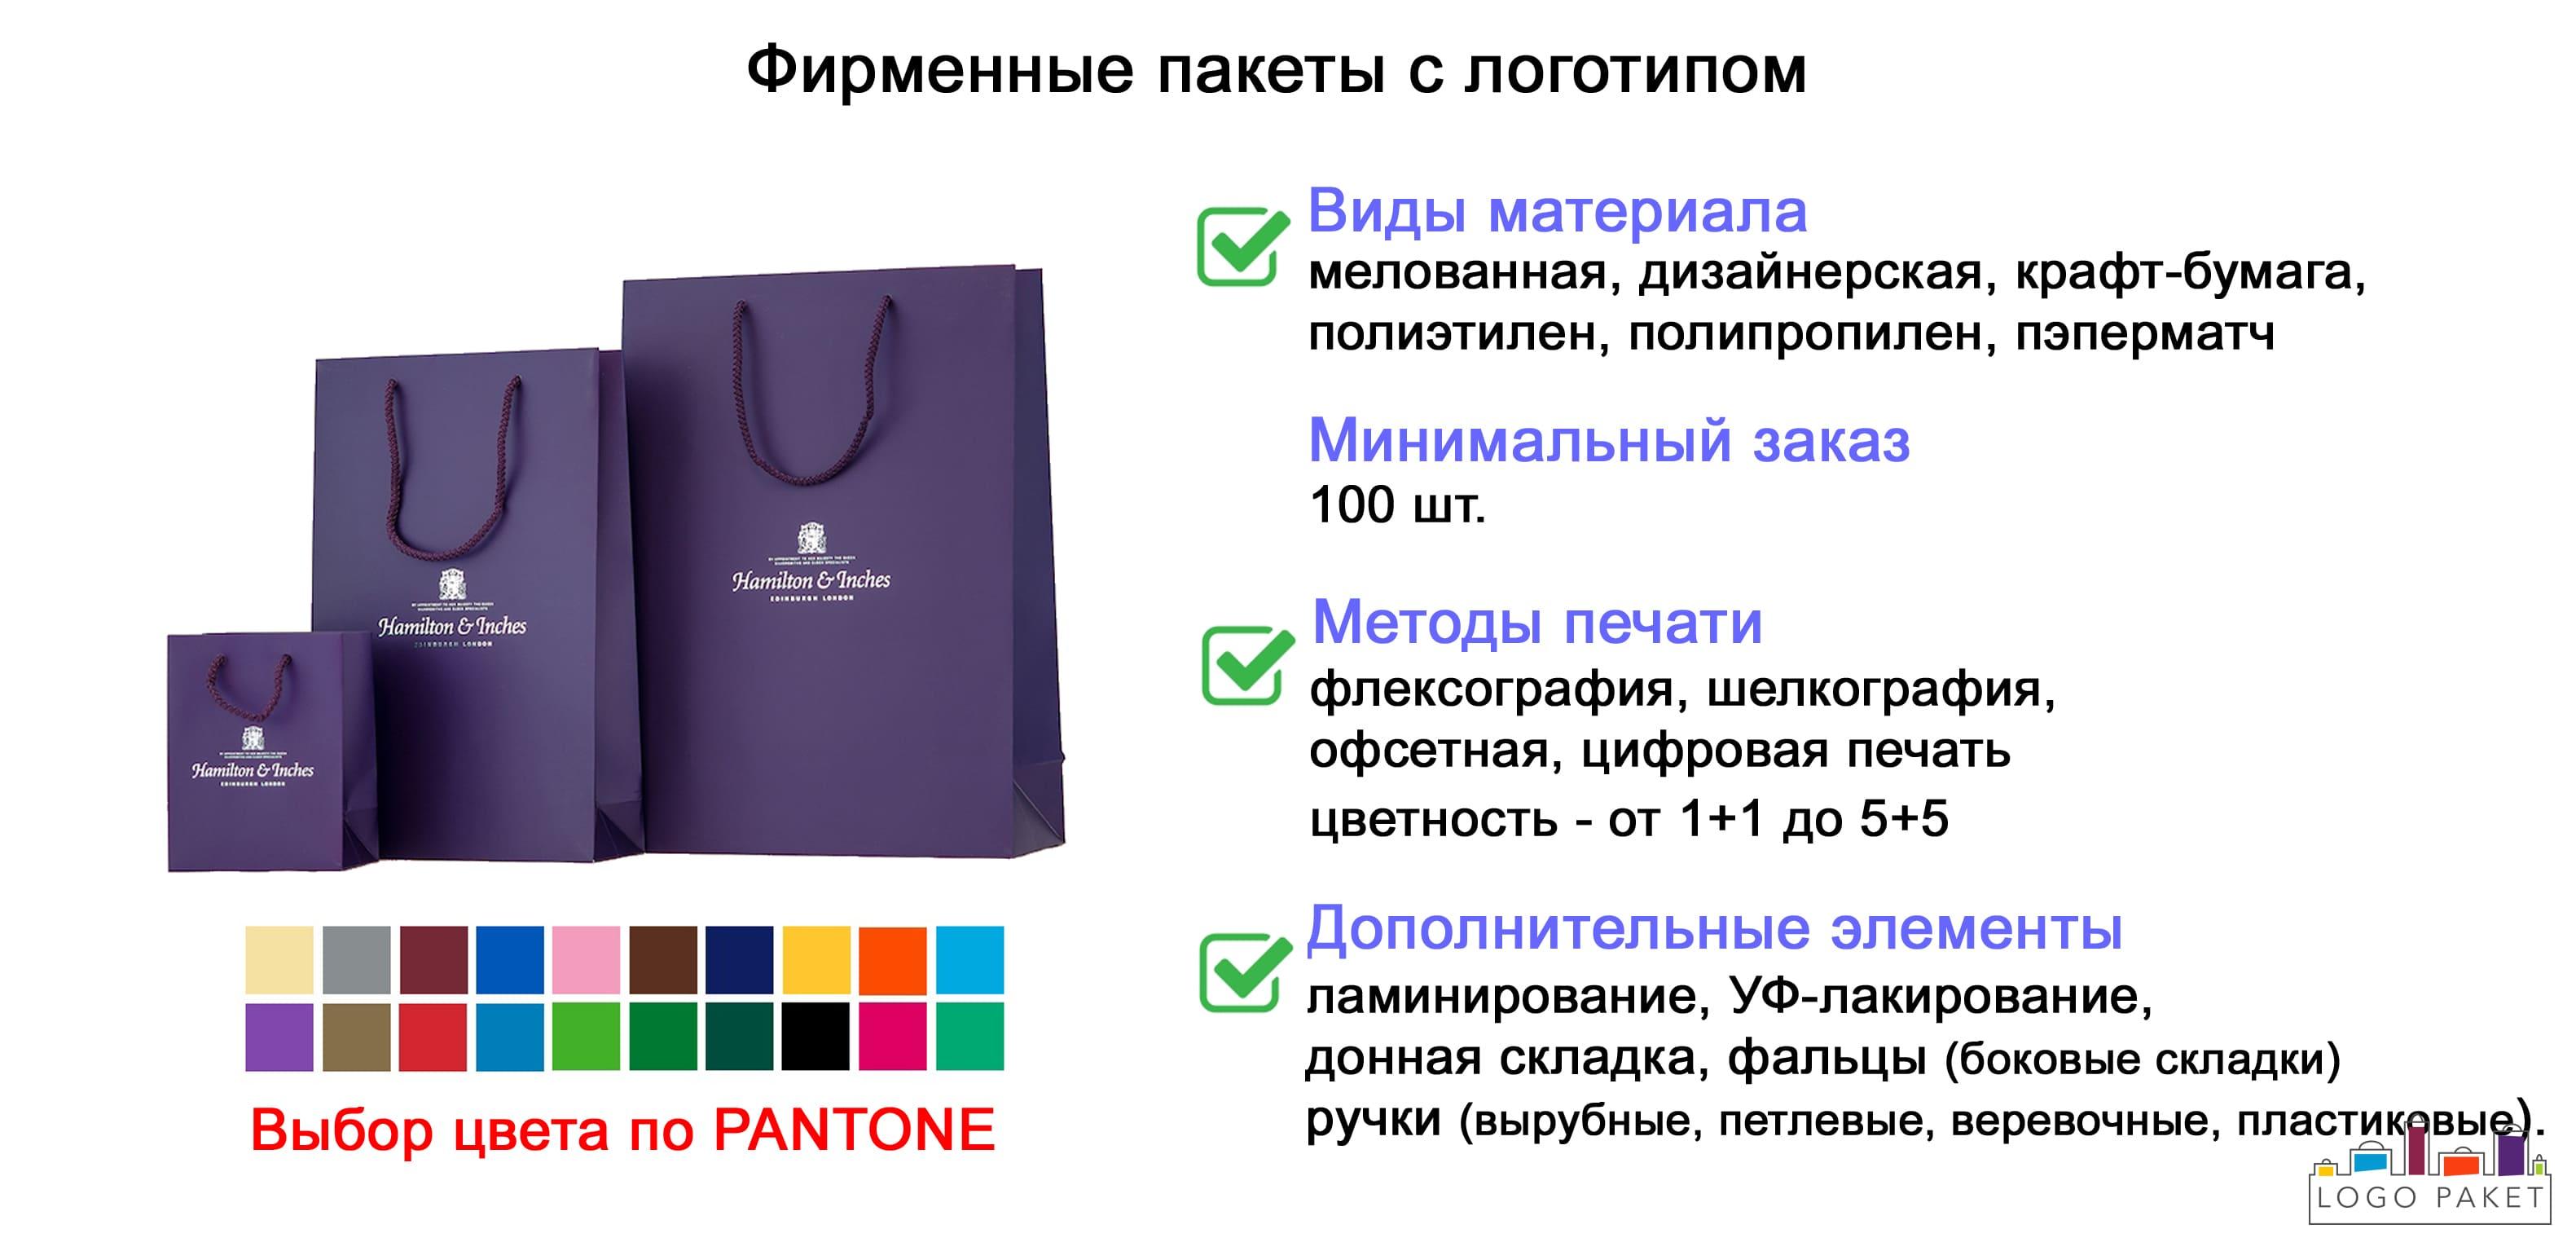 Фирменные пакеты с логотипом инфографика